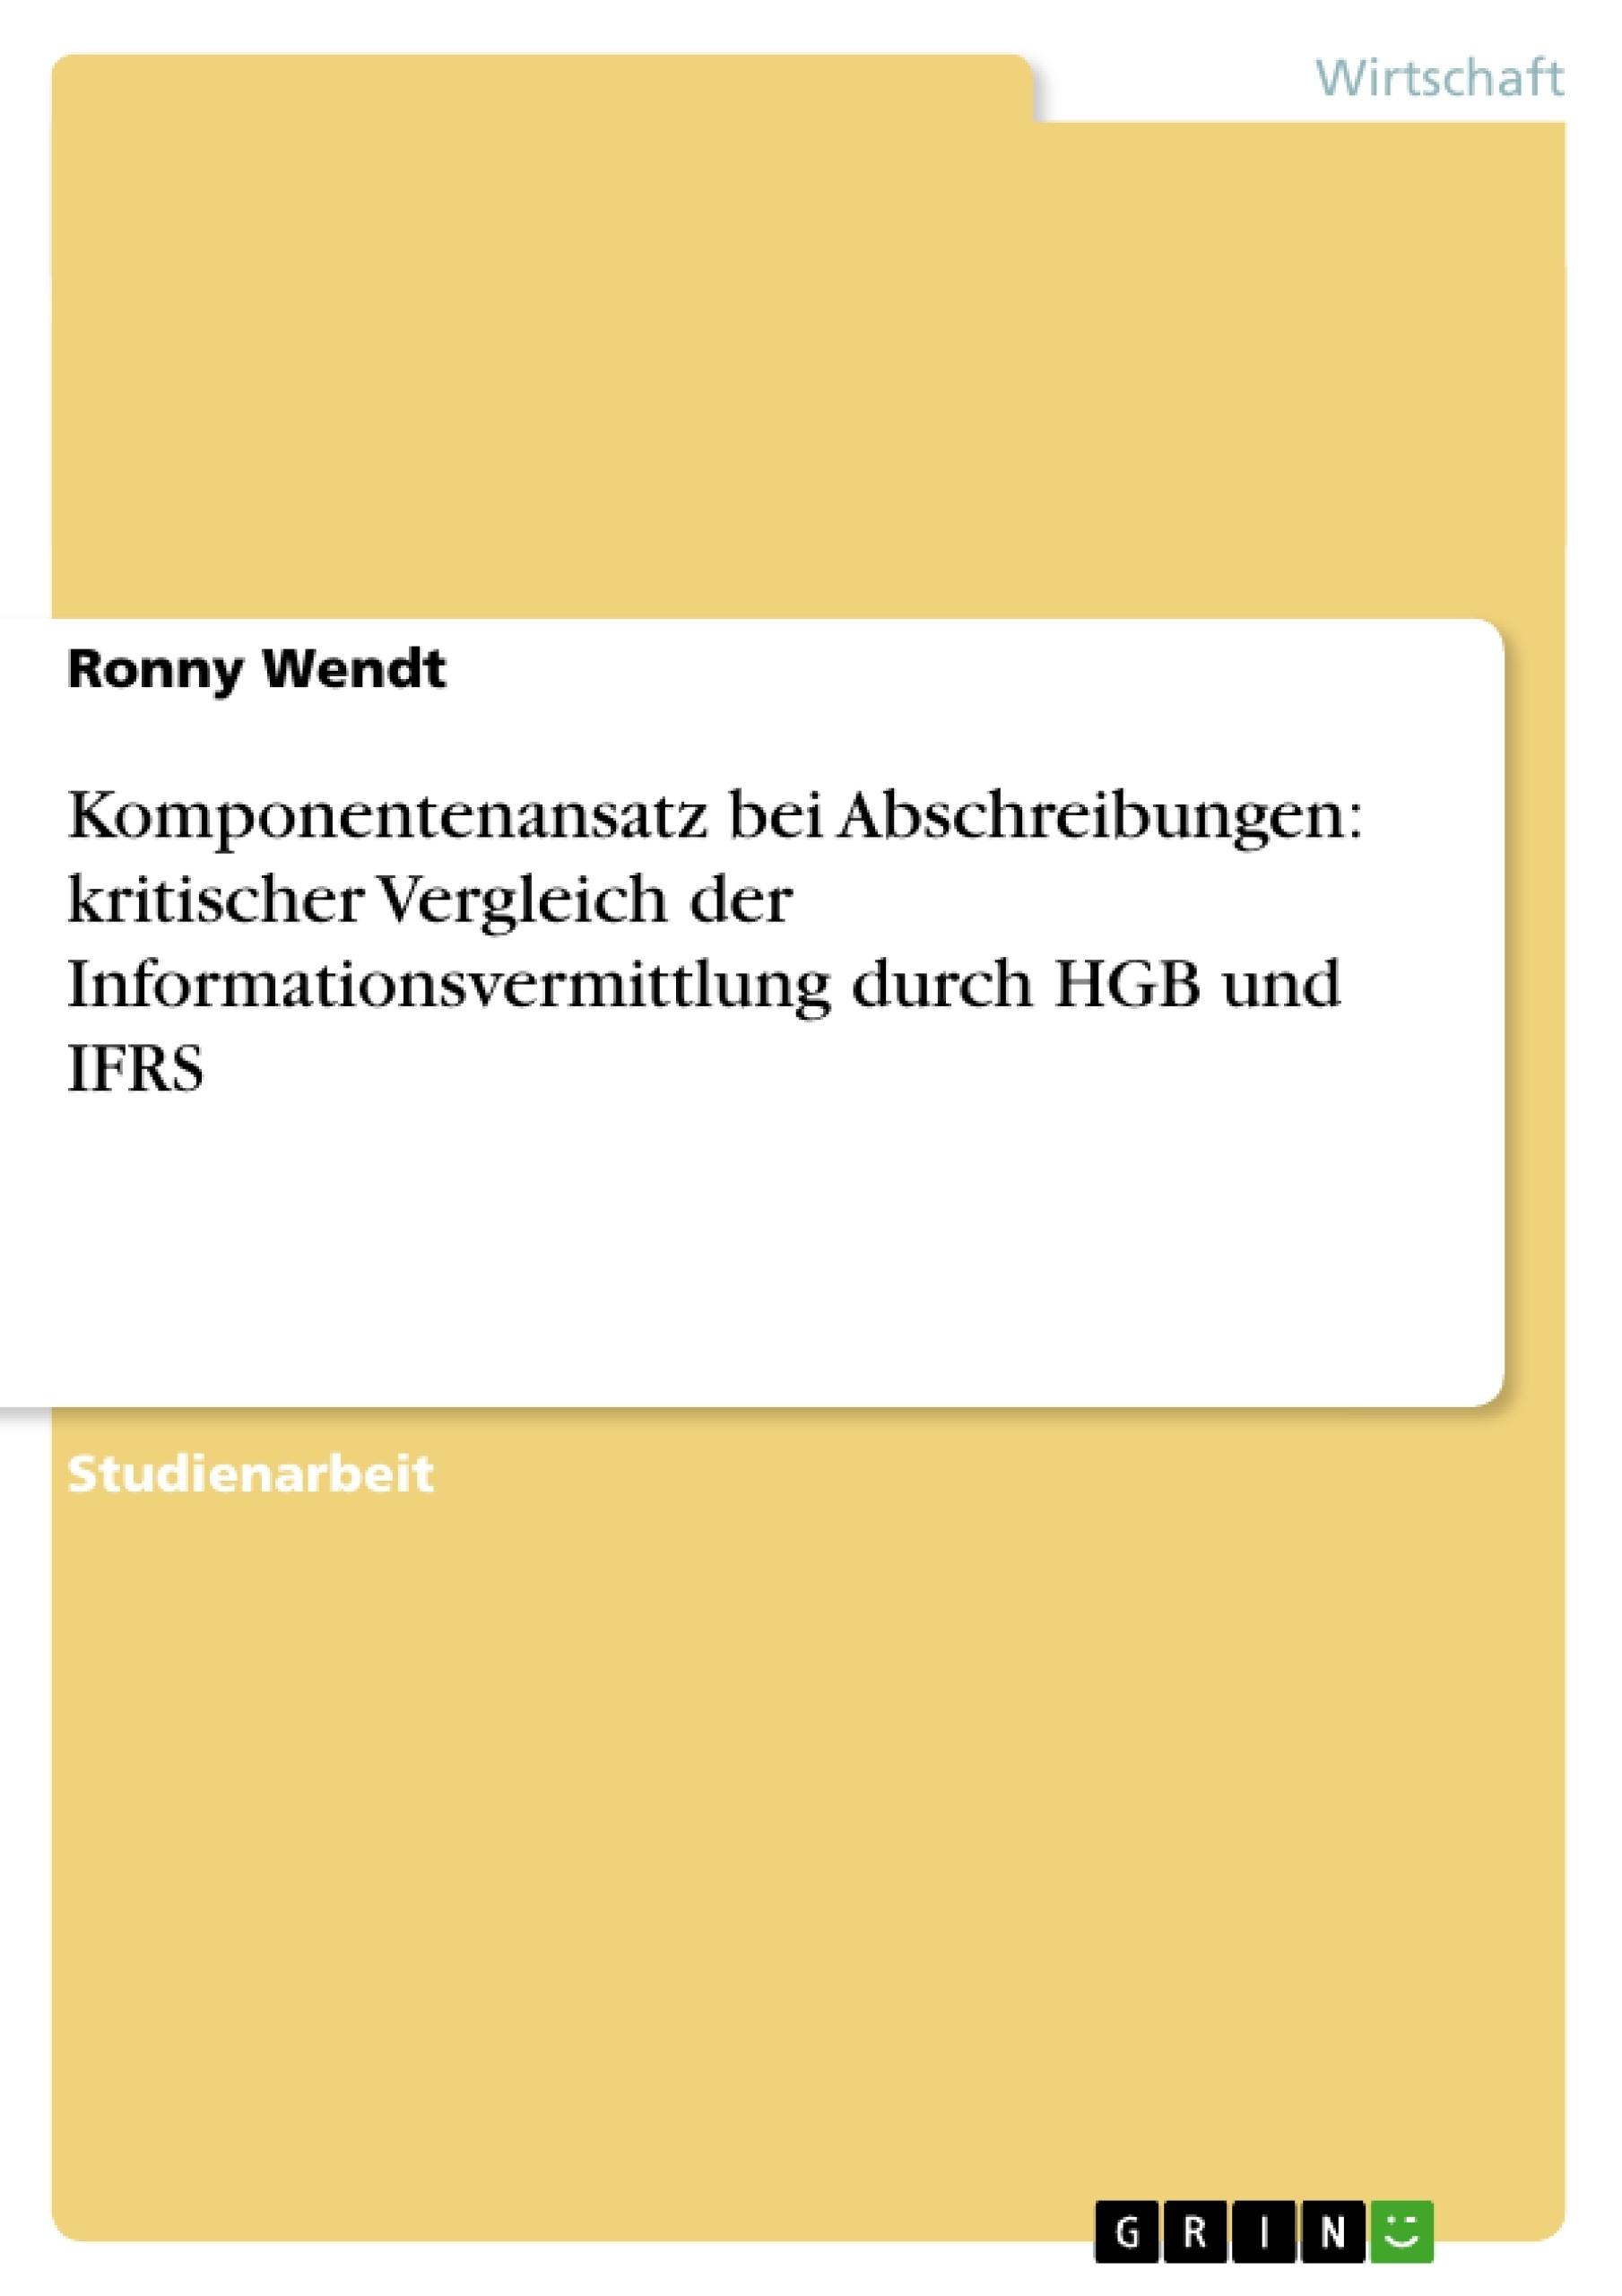 Titel: Komponentenansatz bei Abschreibungen: kritischer Vergleich der Informationsvermittlung durch HGB und IFRS